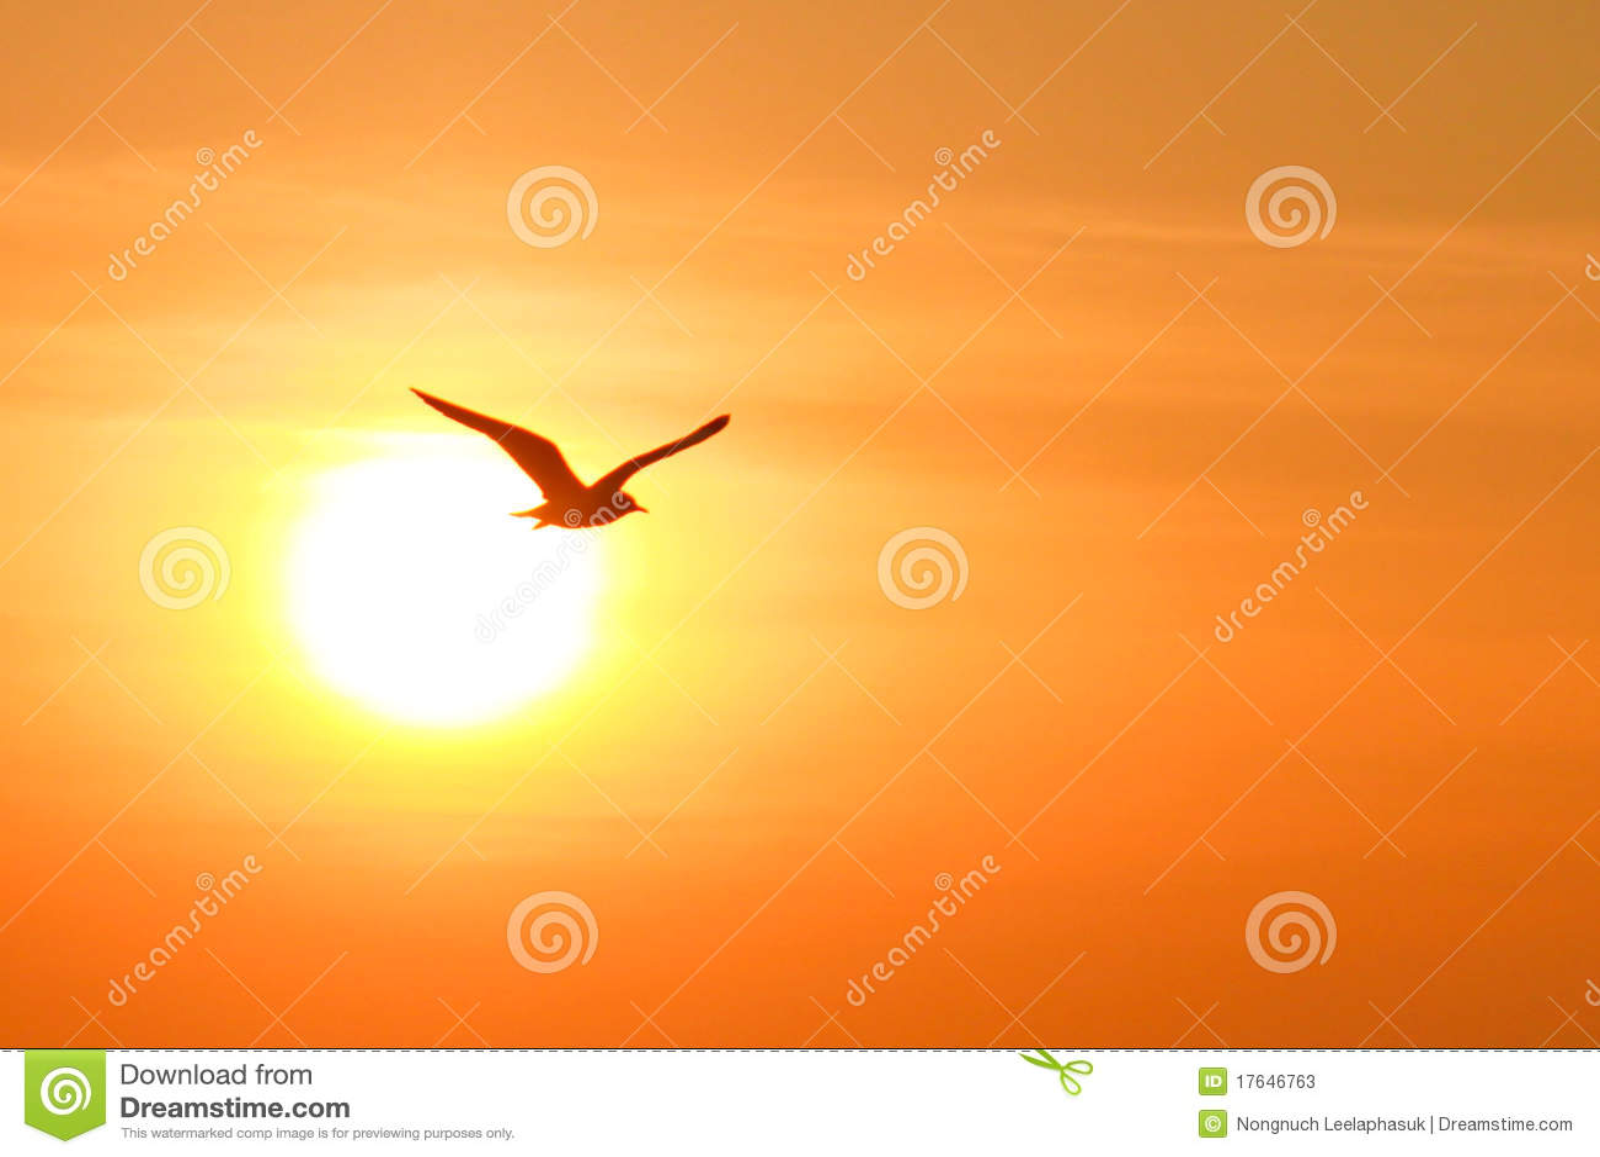 Gaviota en fondo de la puesta del sol fotos de archivo for Fondo del sol